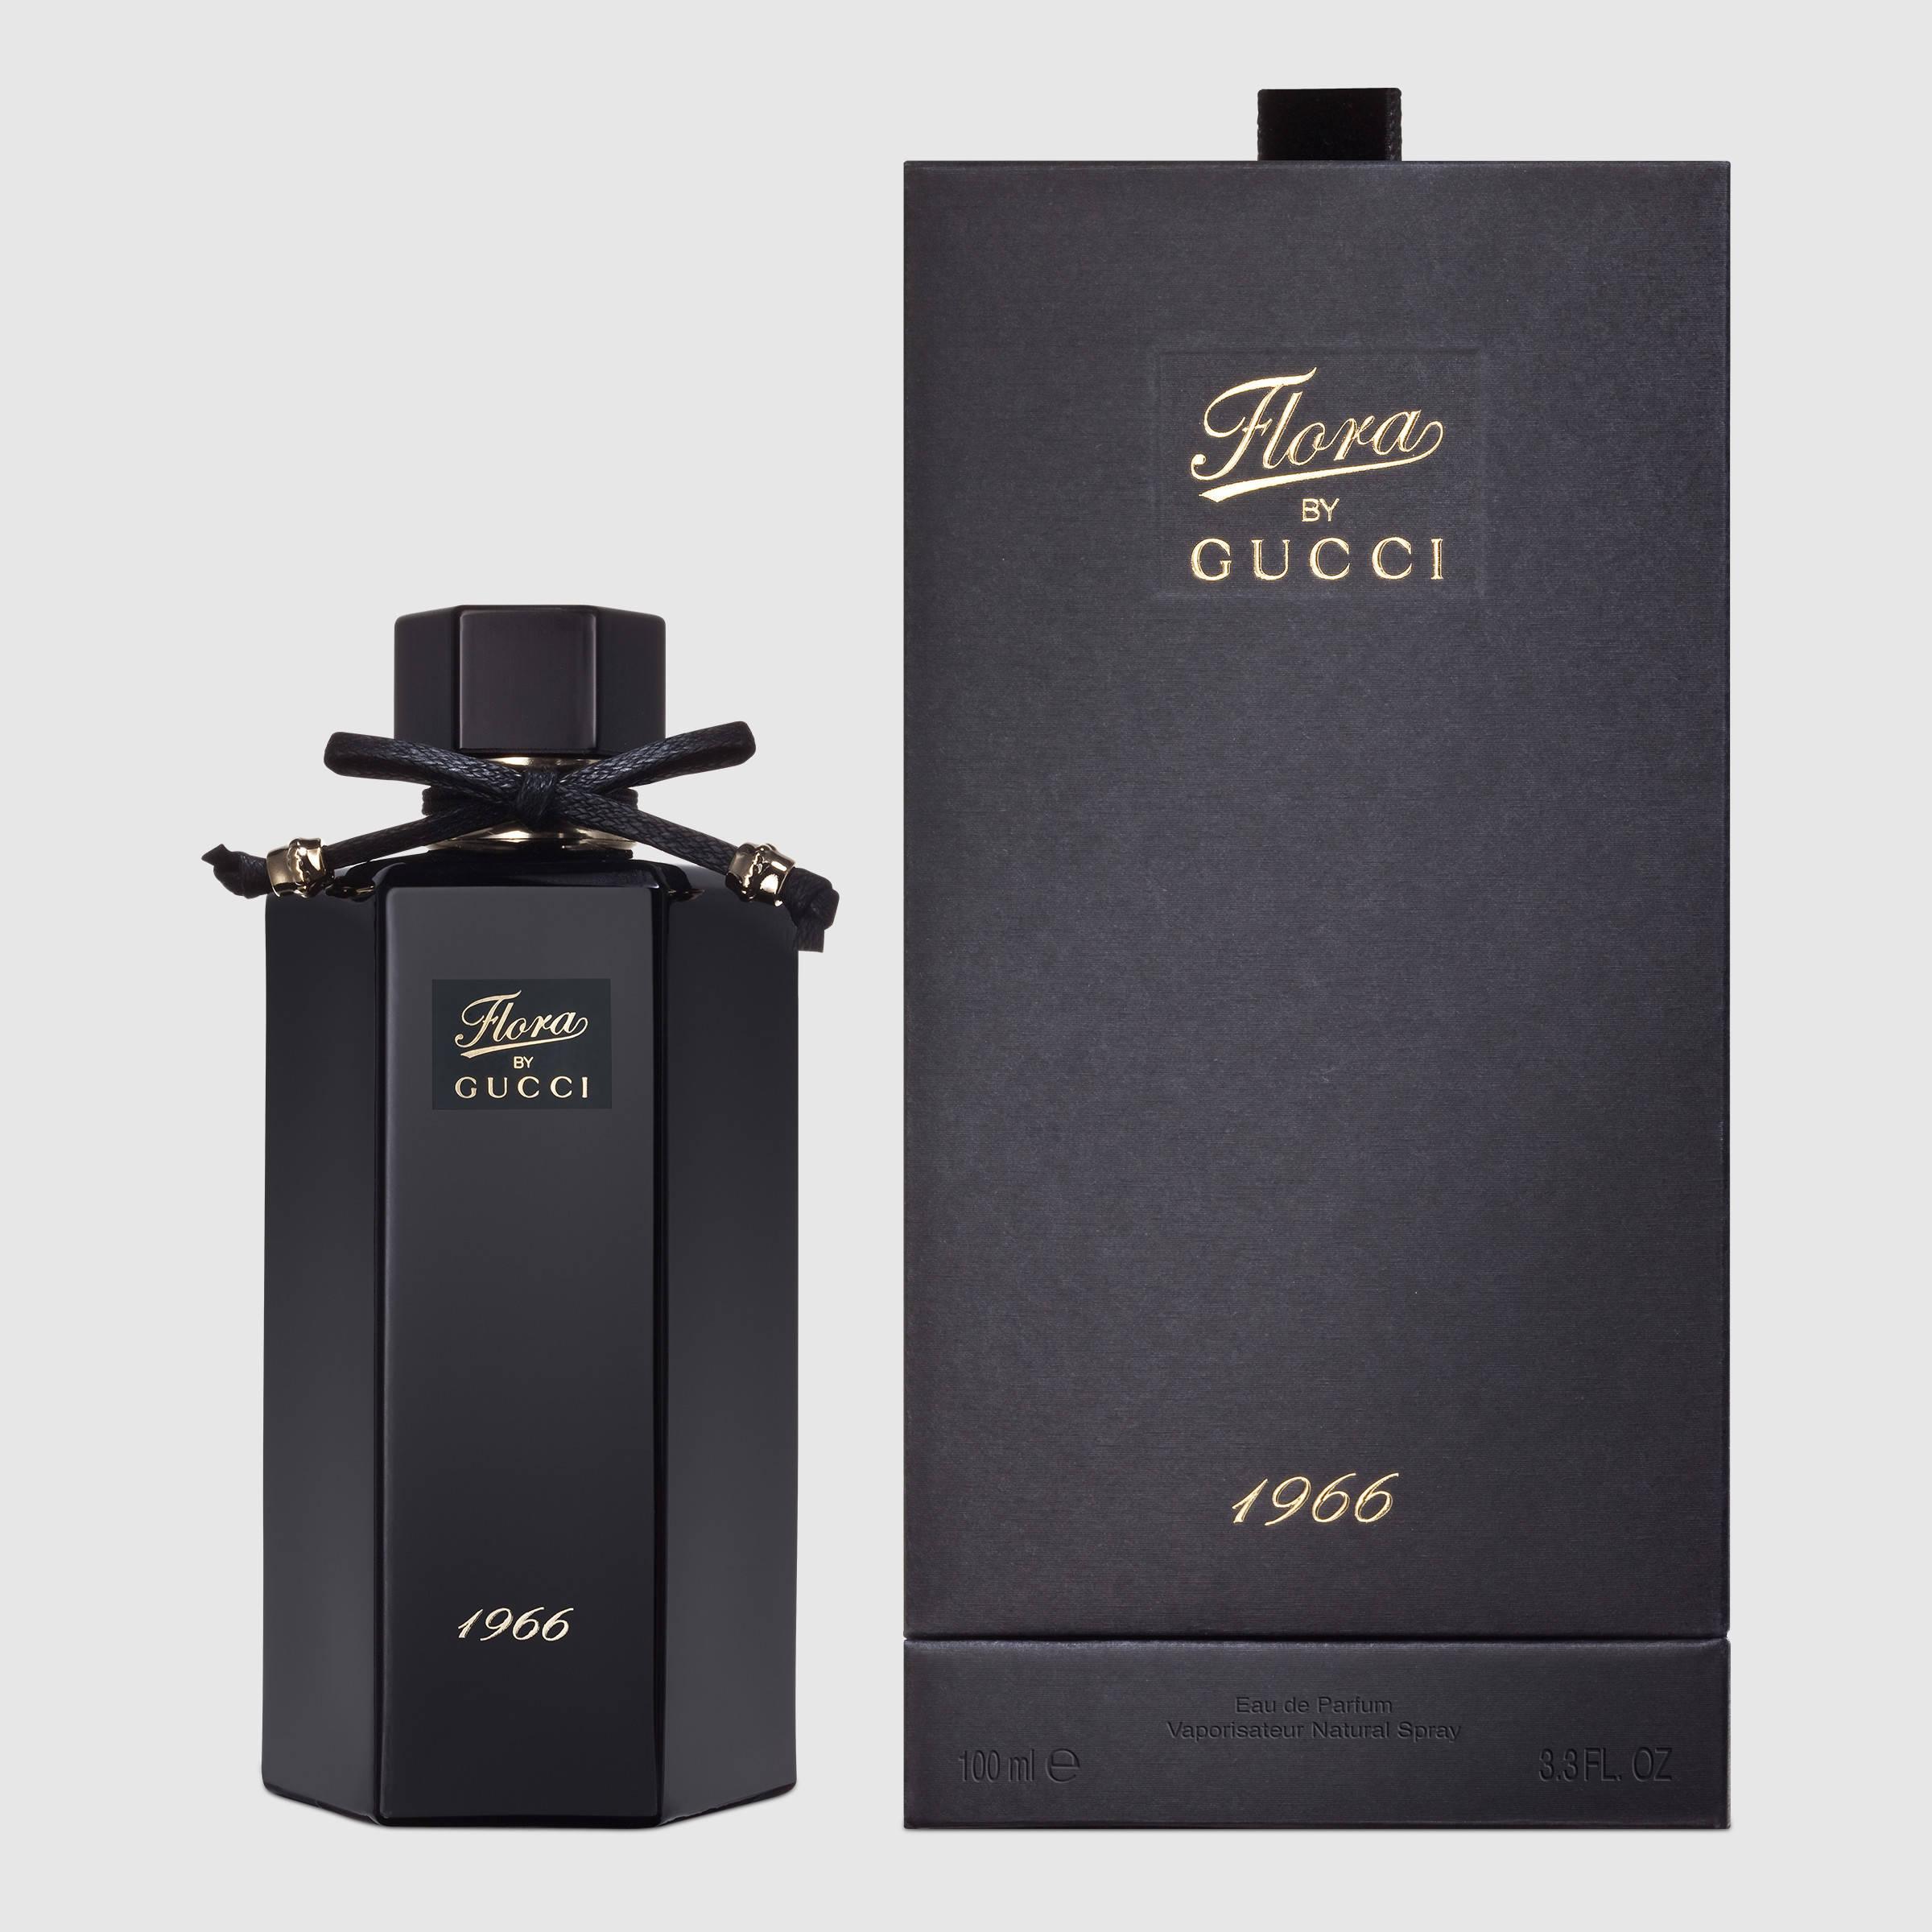 6c9c6b2c607 Gucci Flora 1966 by Gucci Eau de Parfum For Women 3.3FL Oz 100ML ...